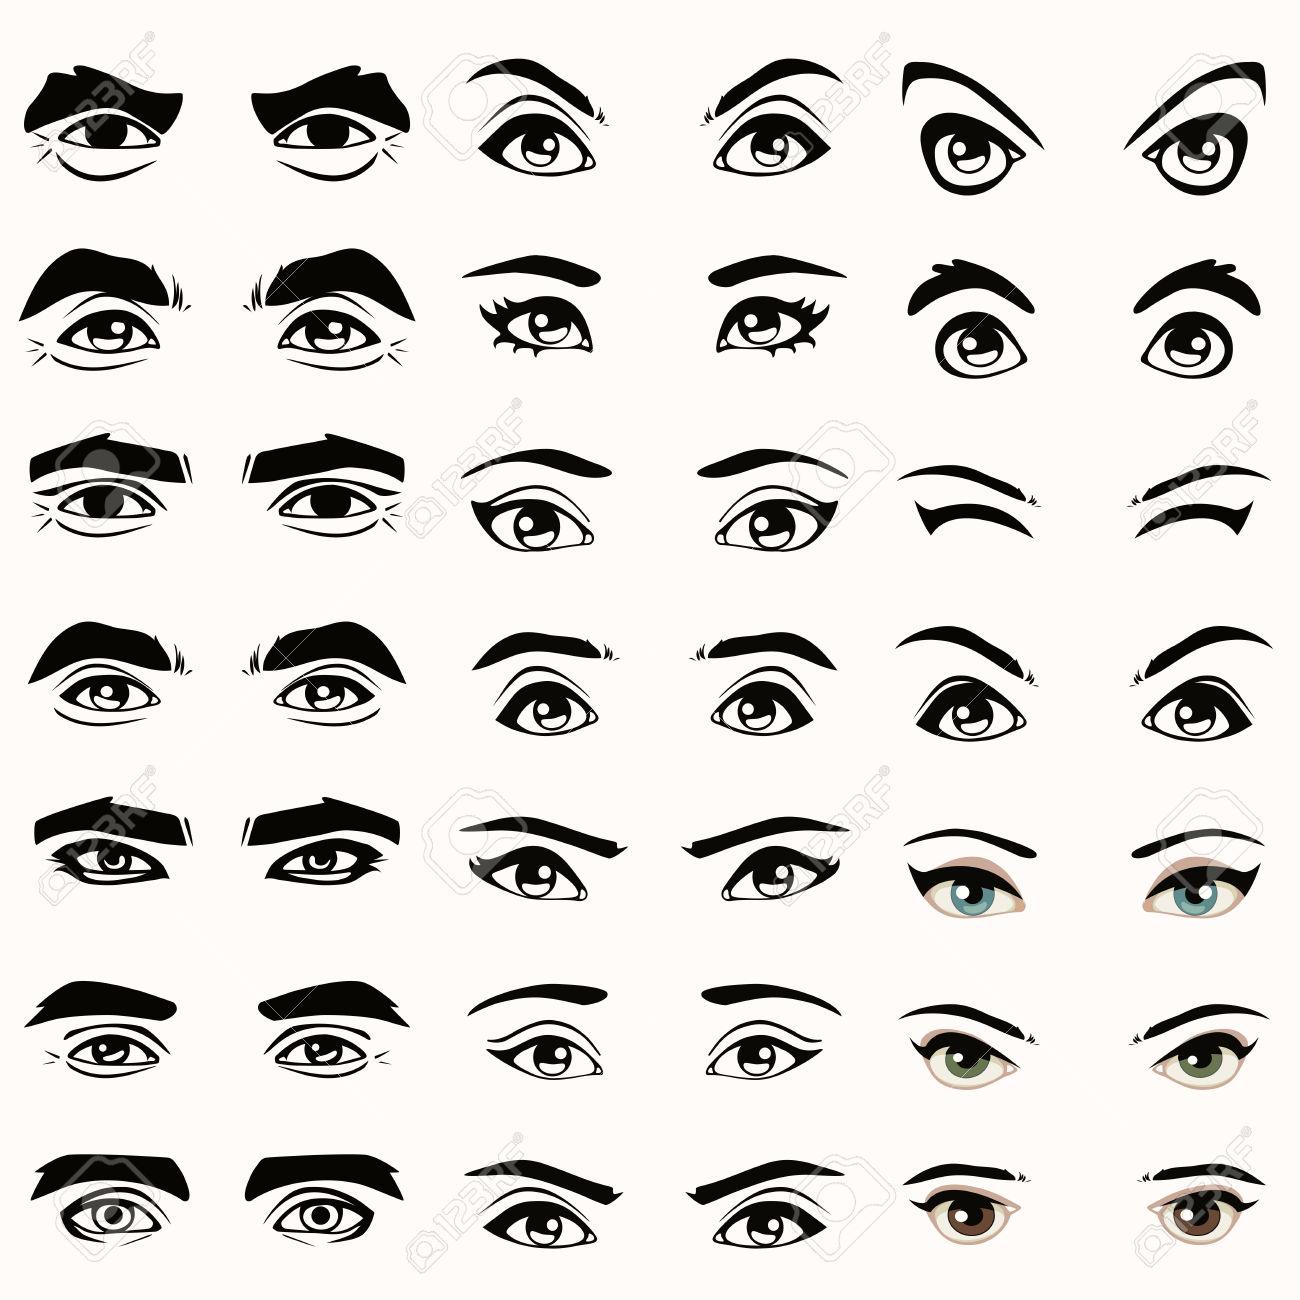 Male Eye Clipart